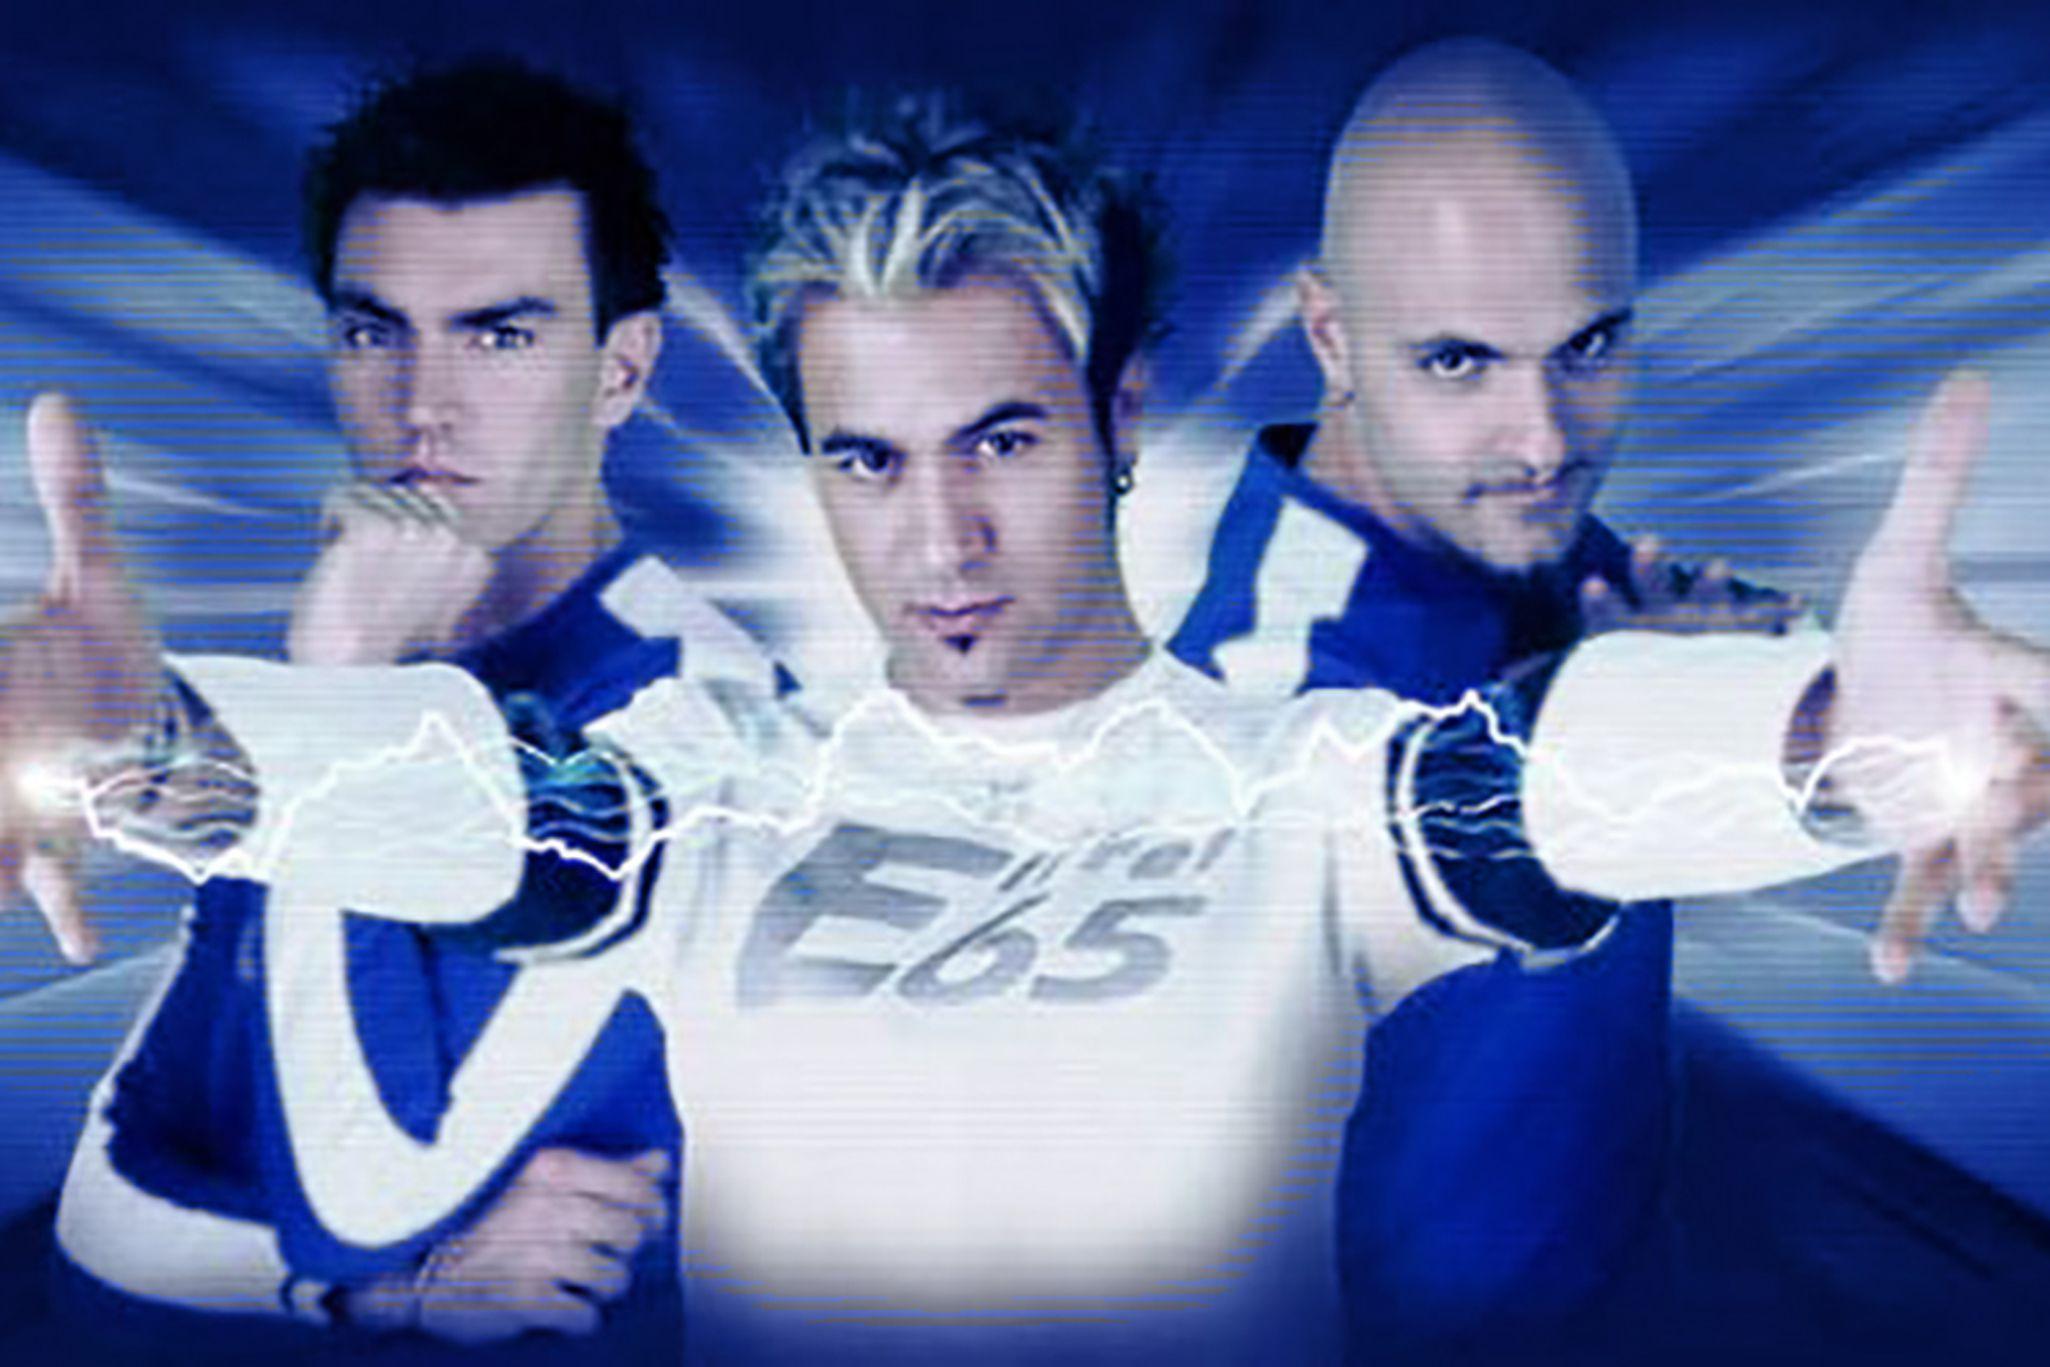 Los tres miembros de Eiffel 65 con peinados de cresta sobre un fondo futurista y luminoso